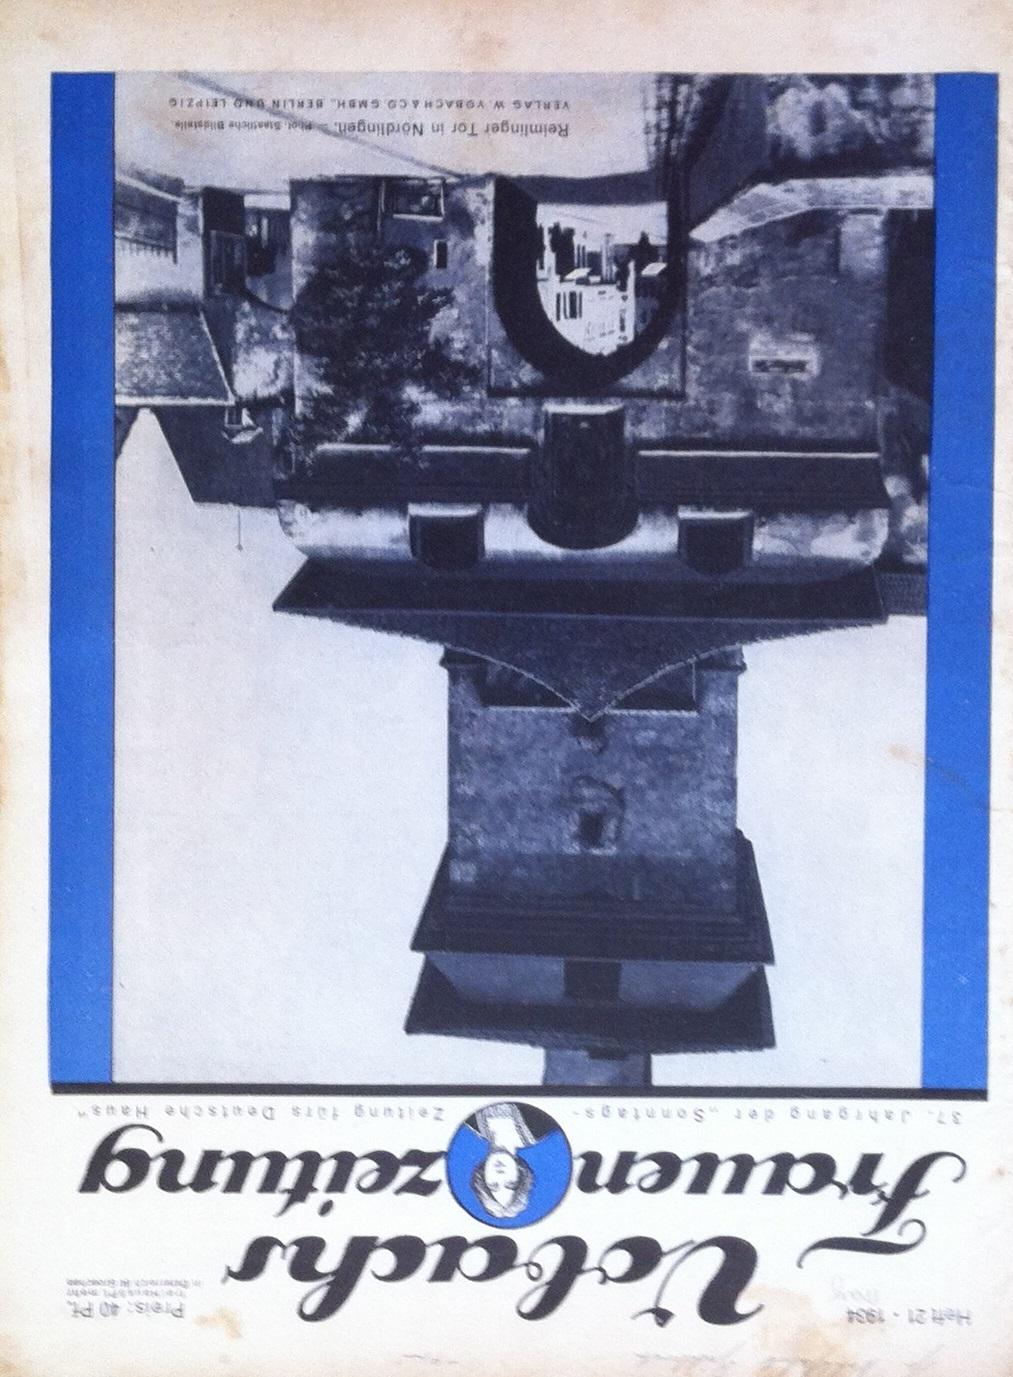 Vobachs Frauenzeitung No. 21 Vol. 37 1934